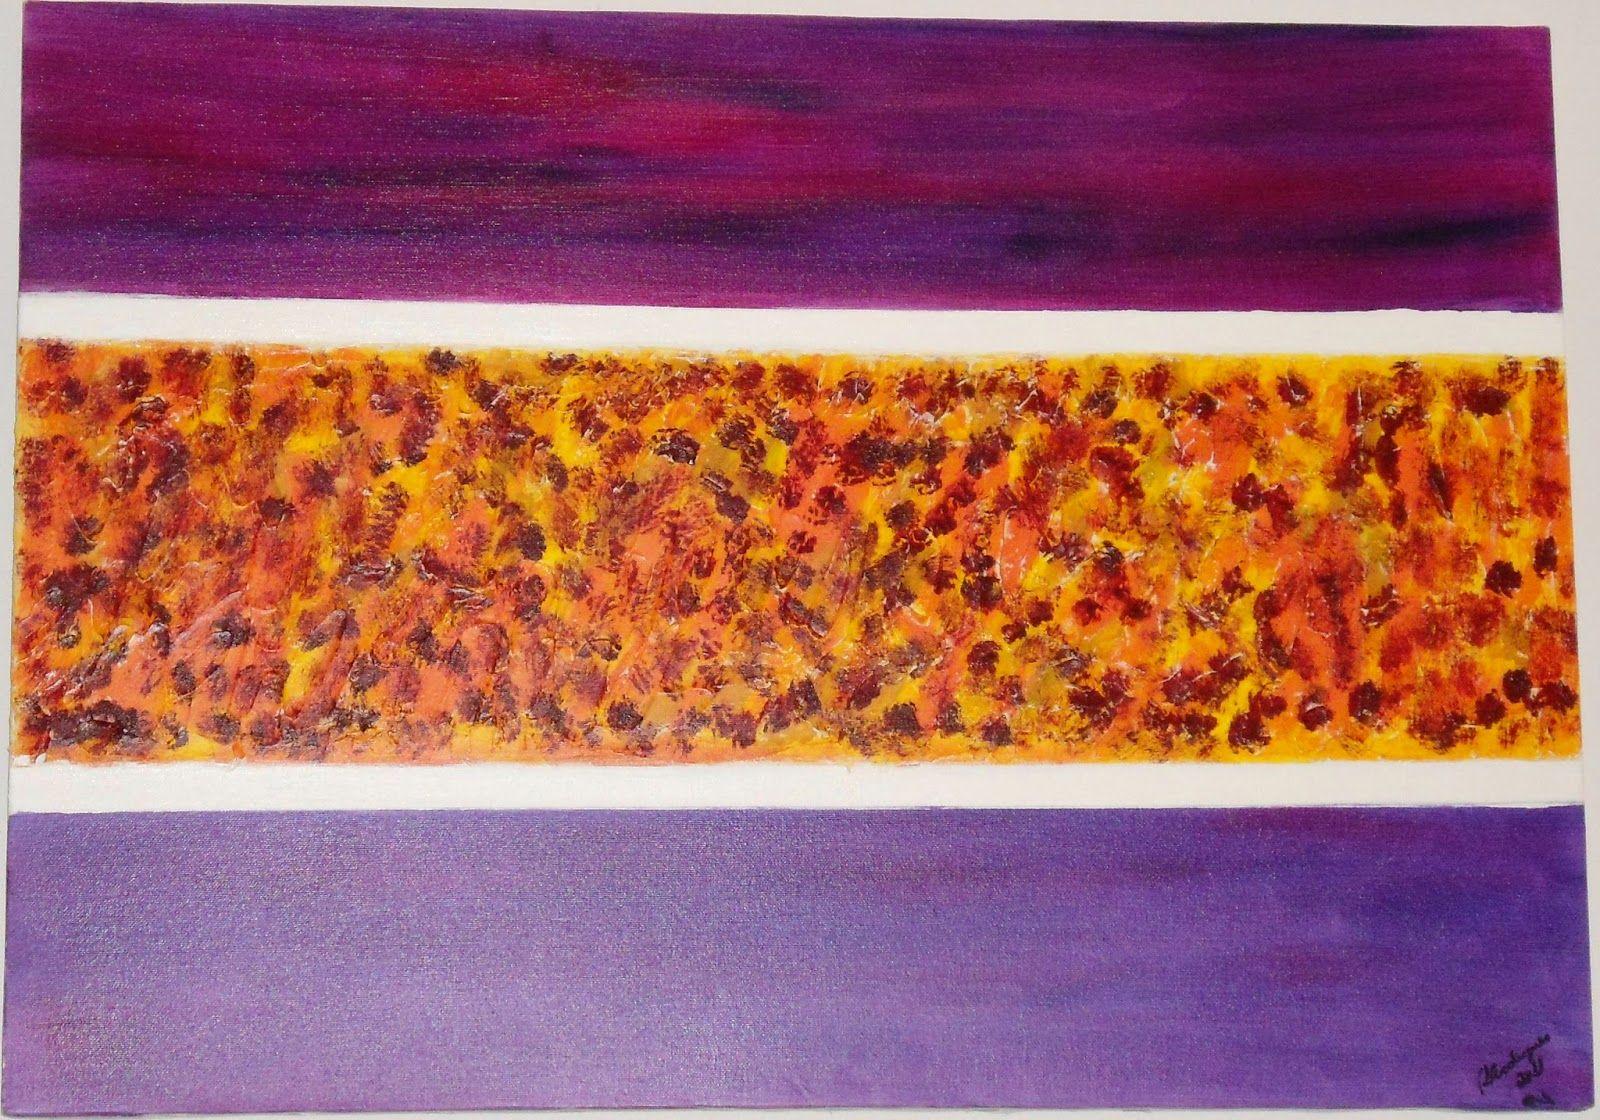 Pinturas Abstratas- Rosa: Pintura mista-acrilico e óleo- N.7